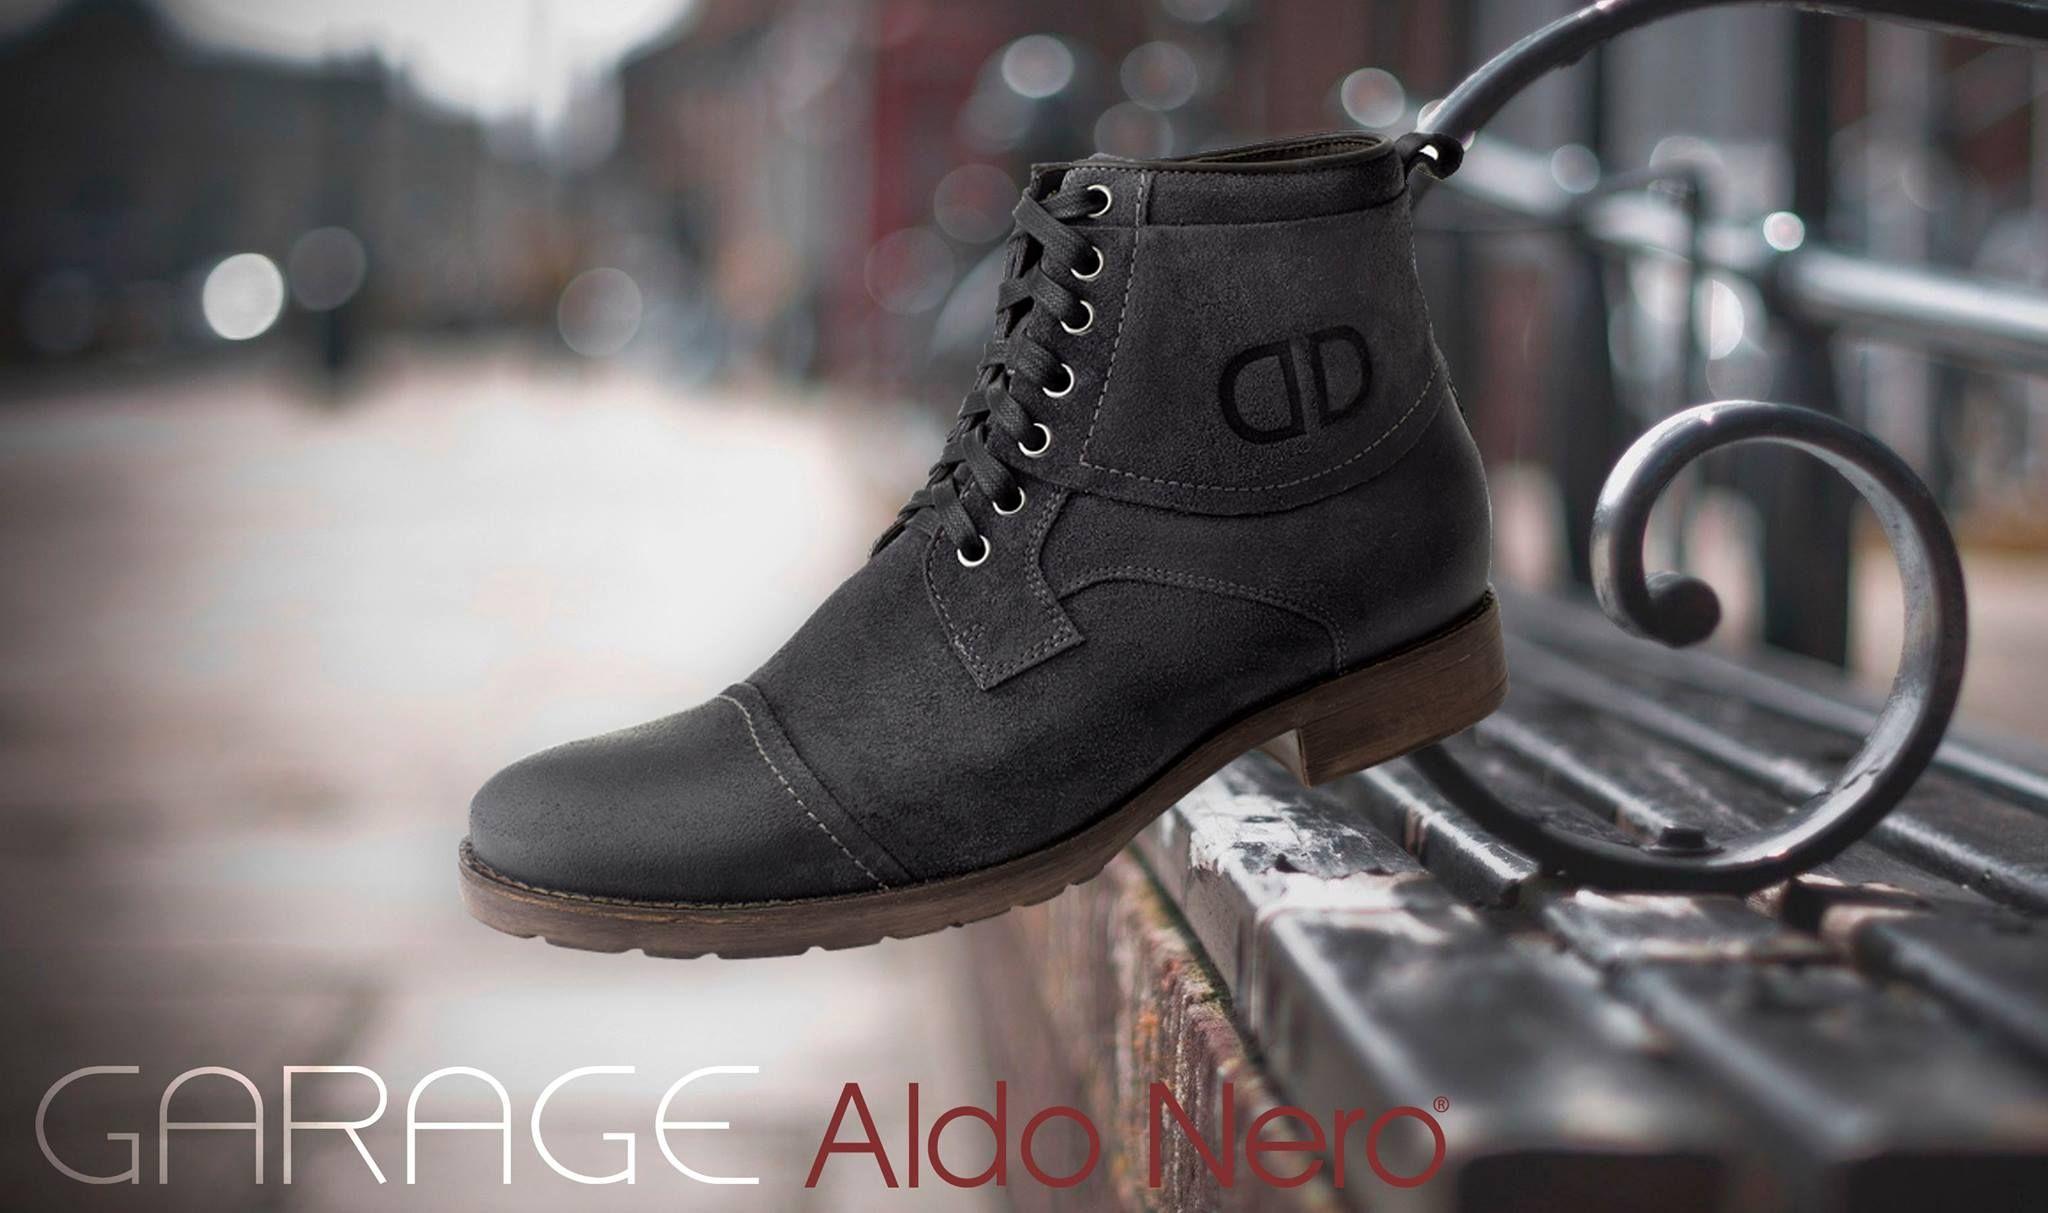 e13ef462f4162 Botines de hombre Aldo Nero, son perfectos para un look casual ...